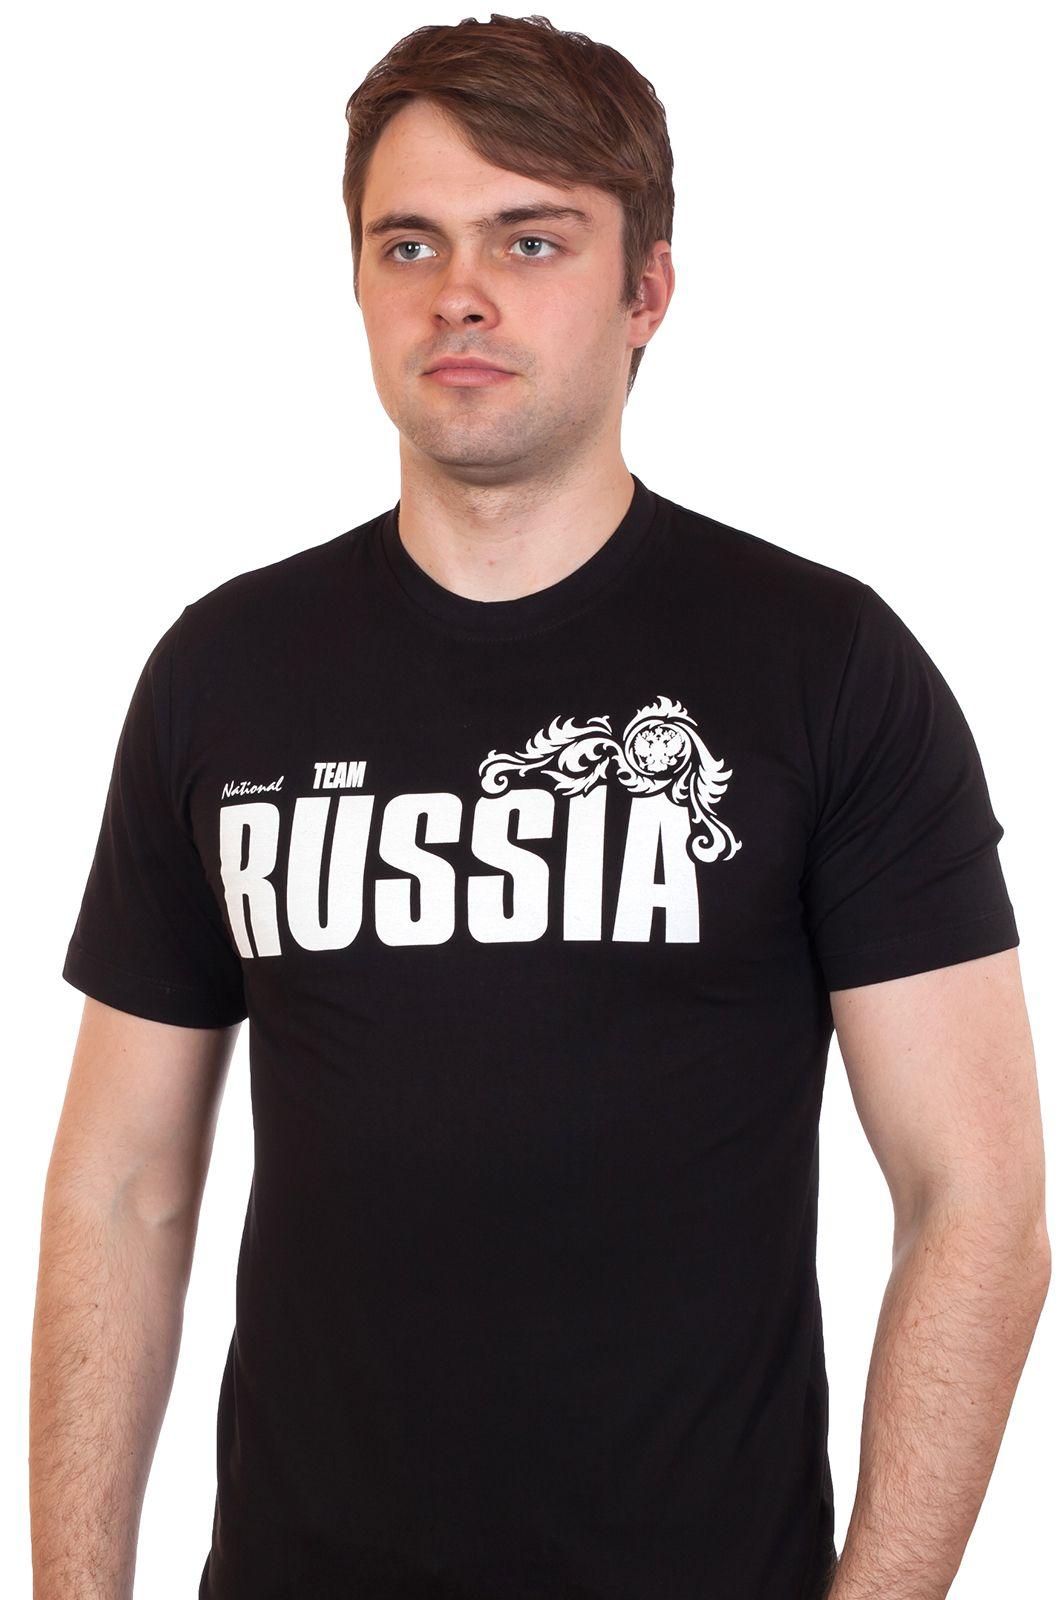 Купить футболку в Палане